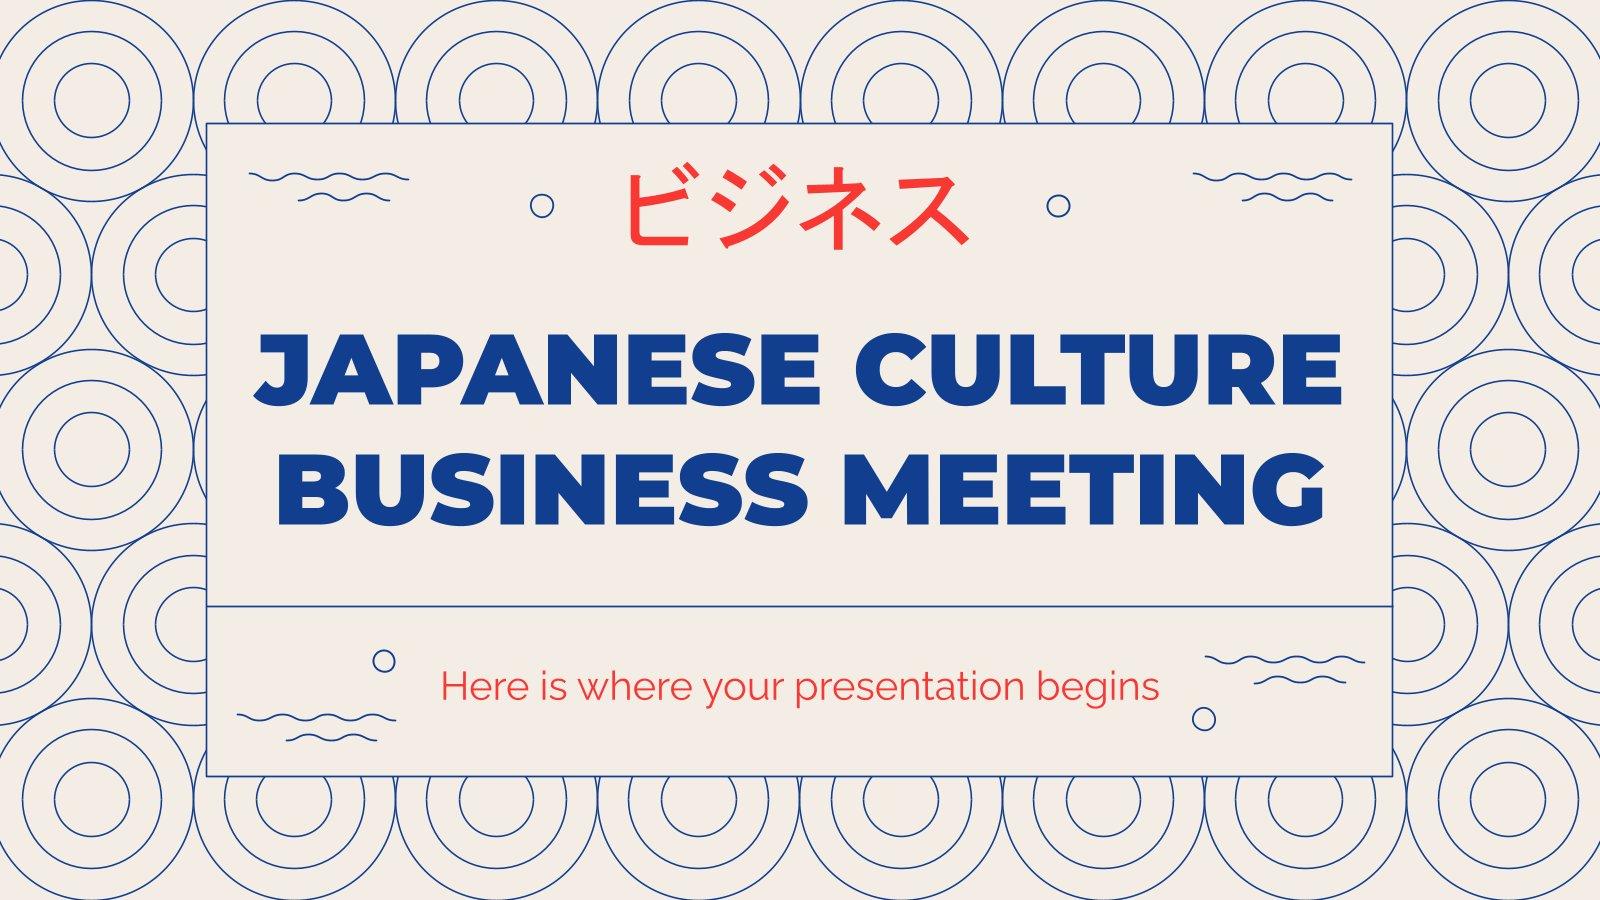 Réunion d'affaires style culture japonaise : Modèles de présentation